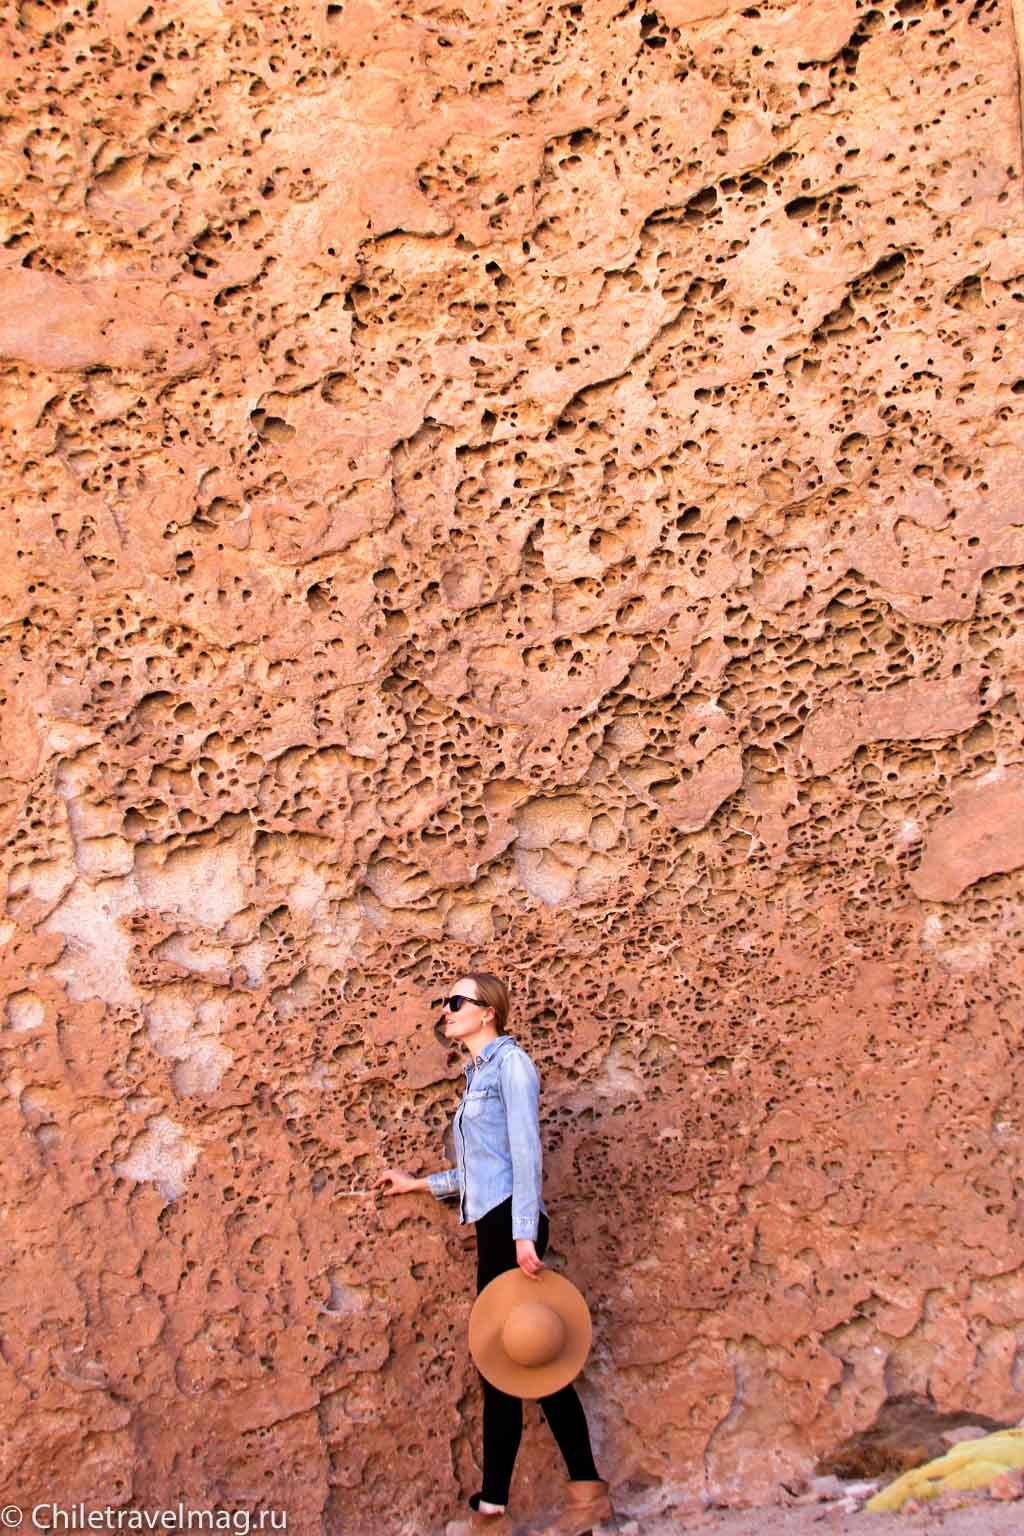 Поездка в Боливию, Тур в Боливию, отзыв в блоге, долина Лас Рокас в Боливии-13